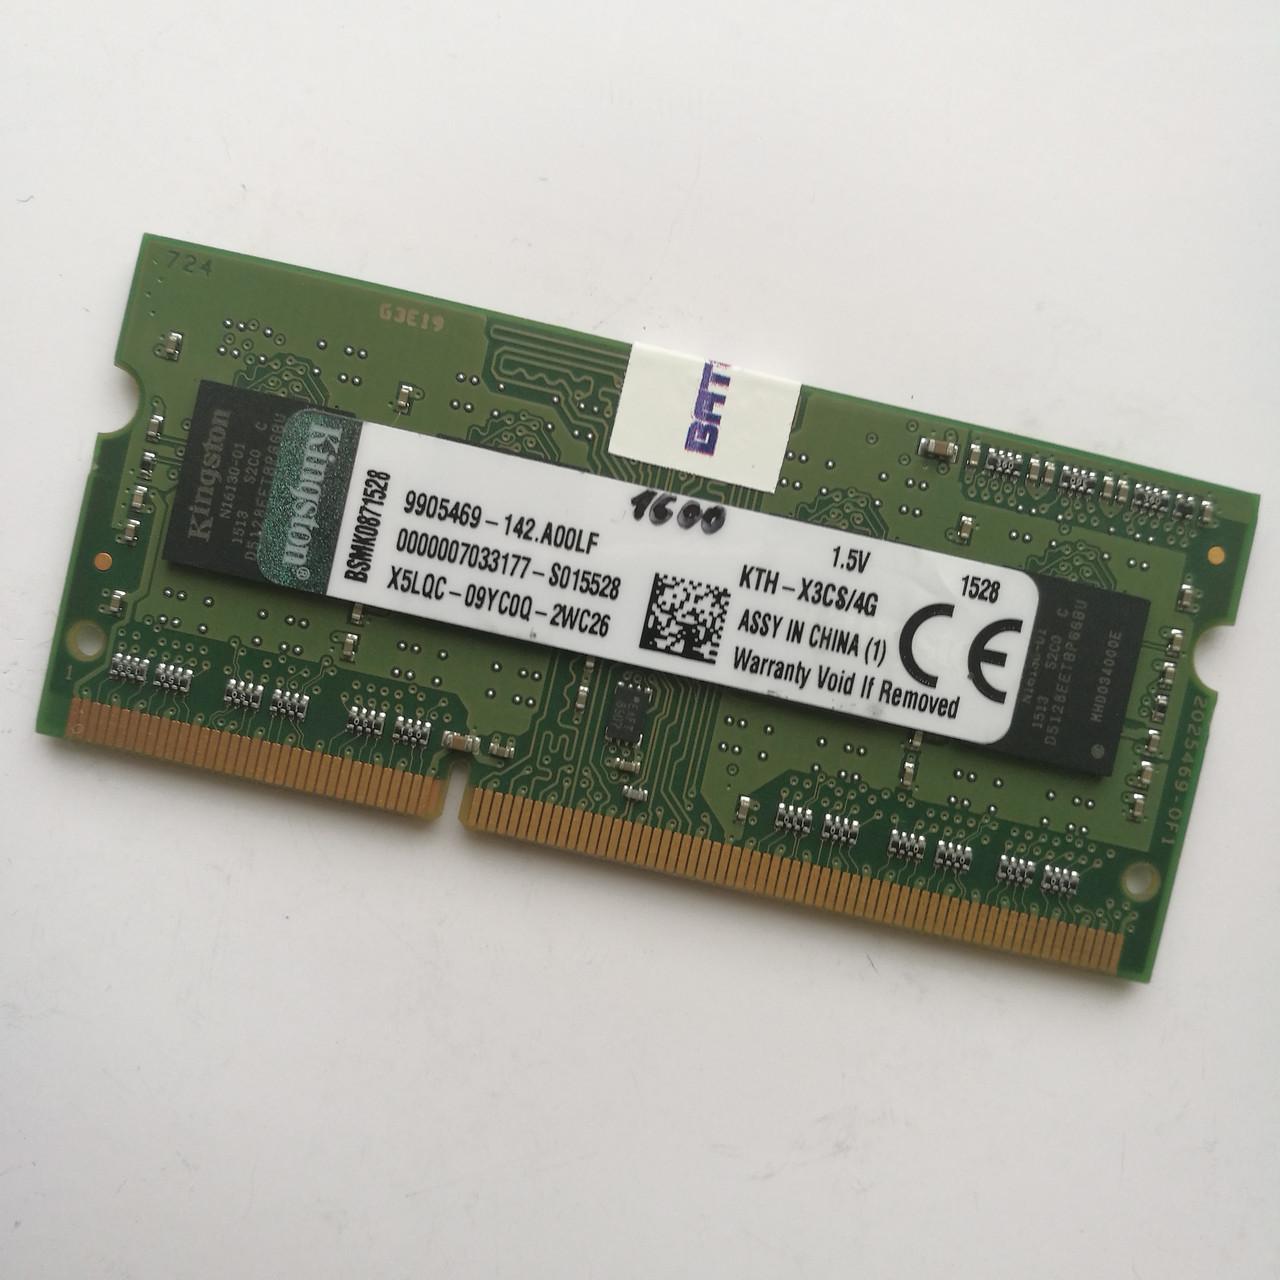 Оперативная память для ноутбука Kingston SODIMM DDR3 4Gb 1600MHz 12800s CL11 (KTH-X3CS/4G) Б/У